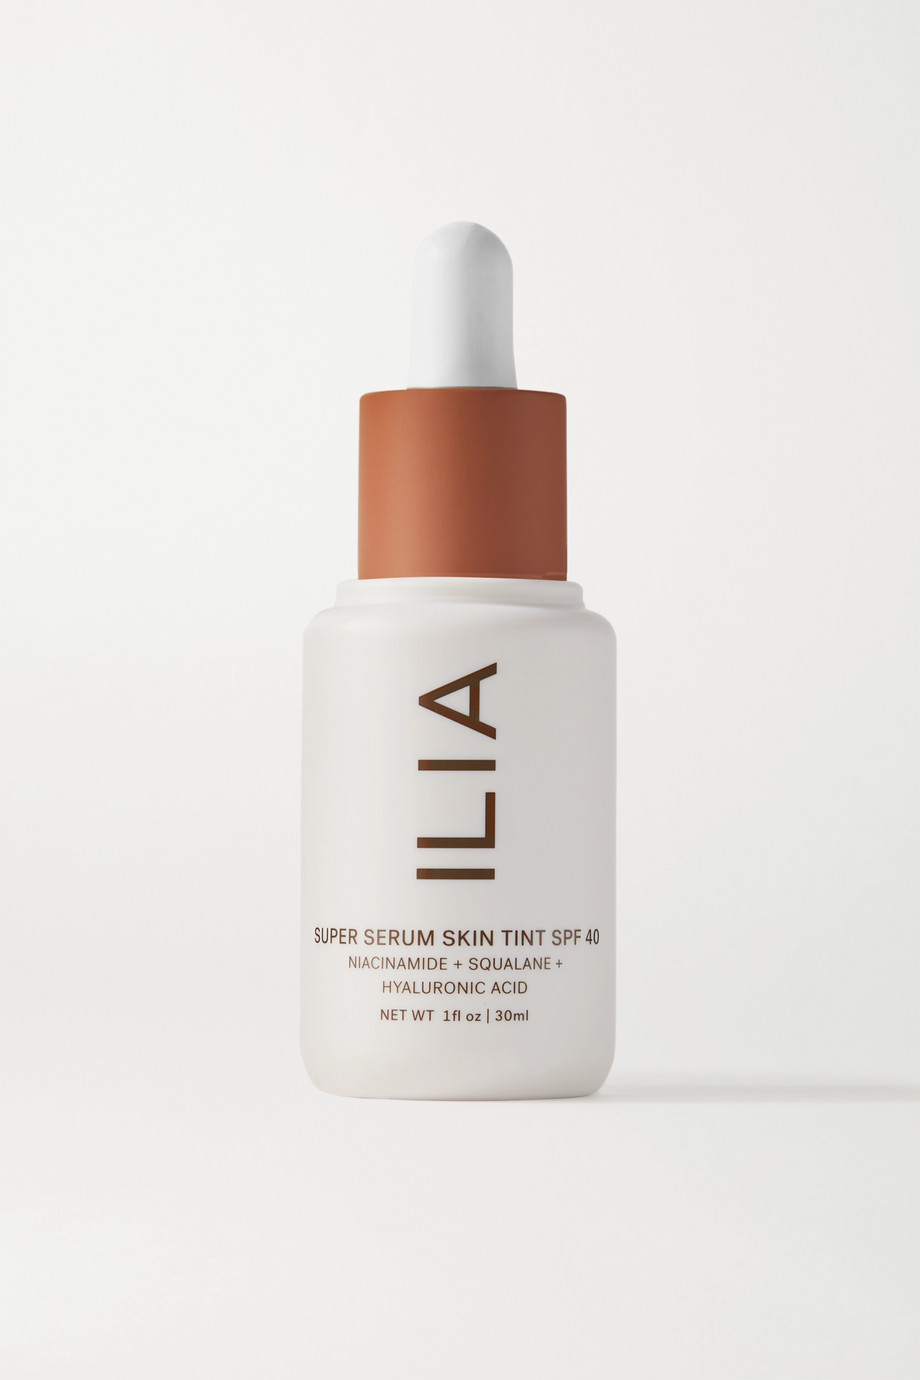 Ilia Super Serum Skin Tint SPF 40 - Kamari ST13, 30ml